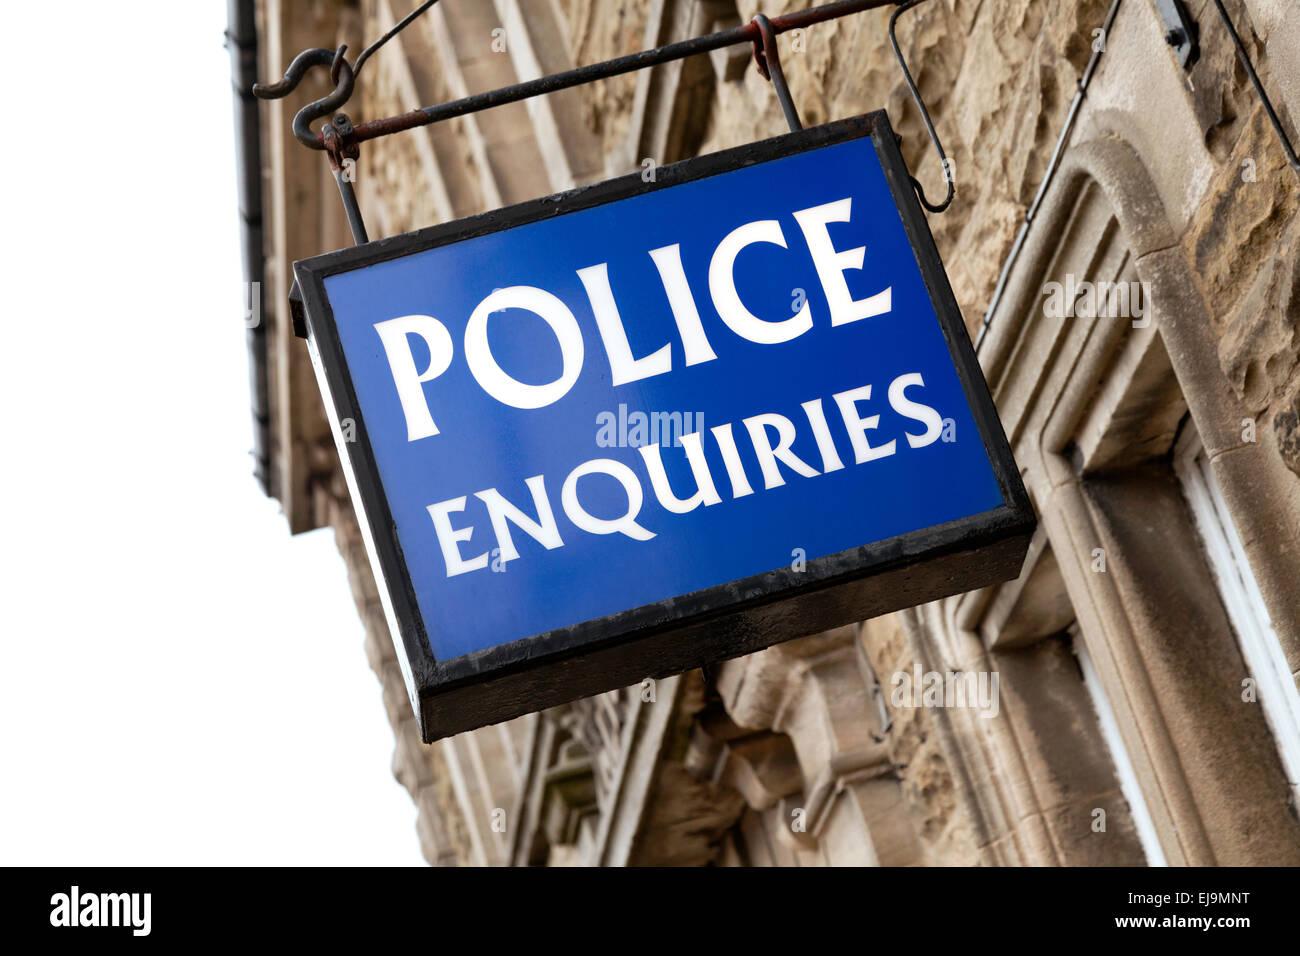 Police Enquiries sign, Leyburn, North Yorkshire, England UK - Stock Image